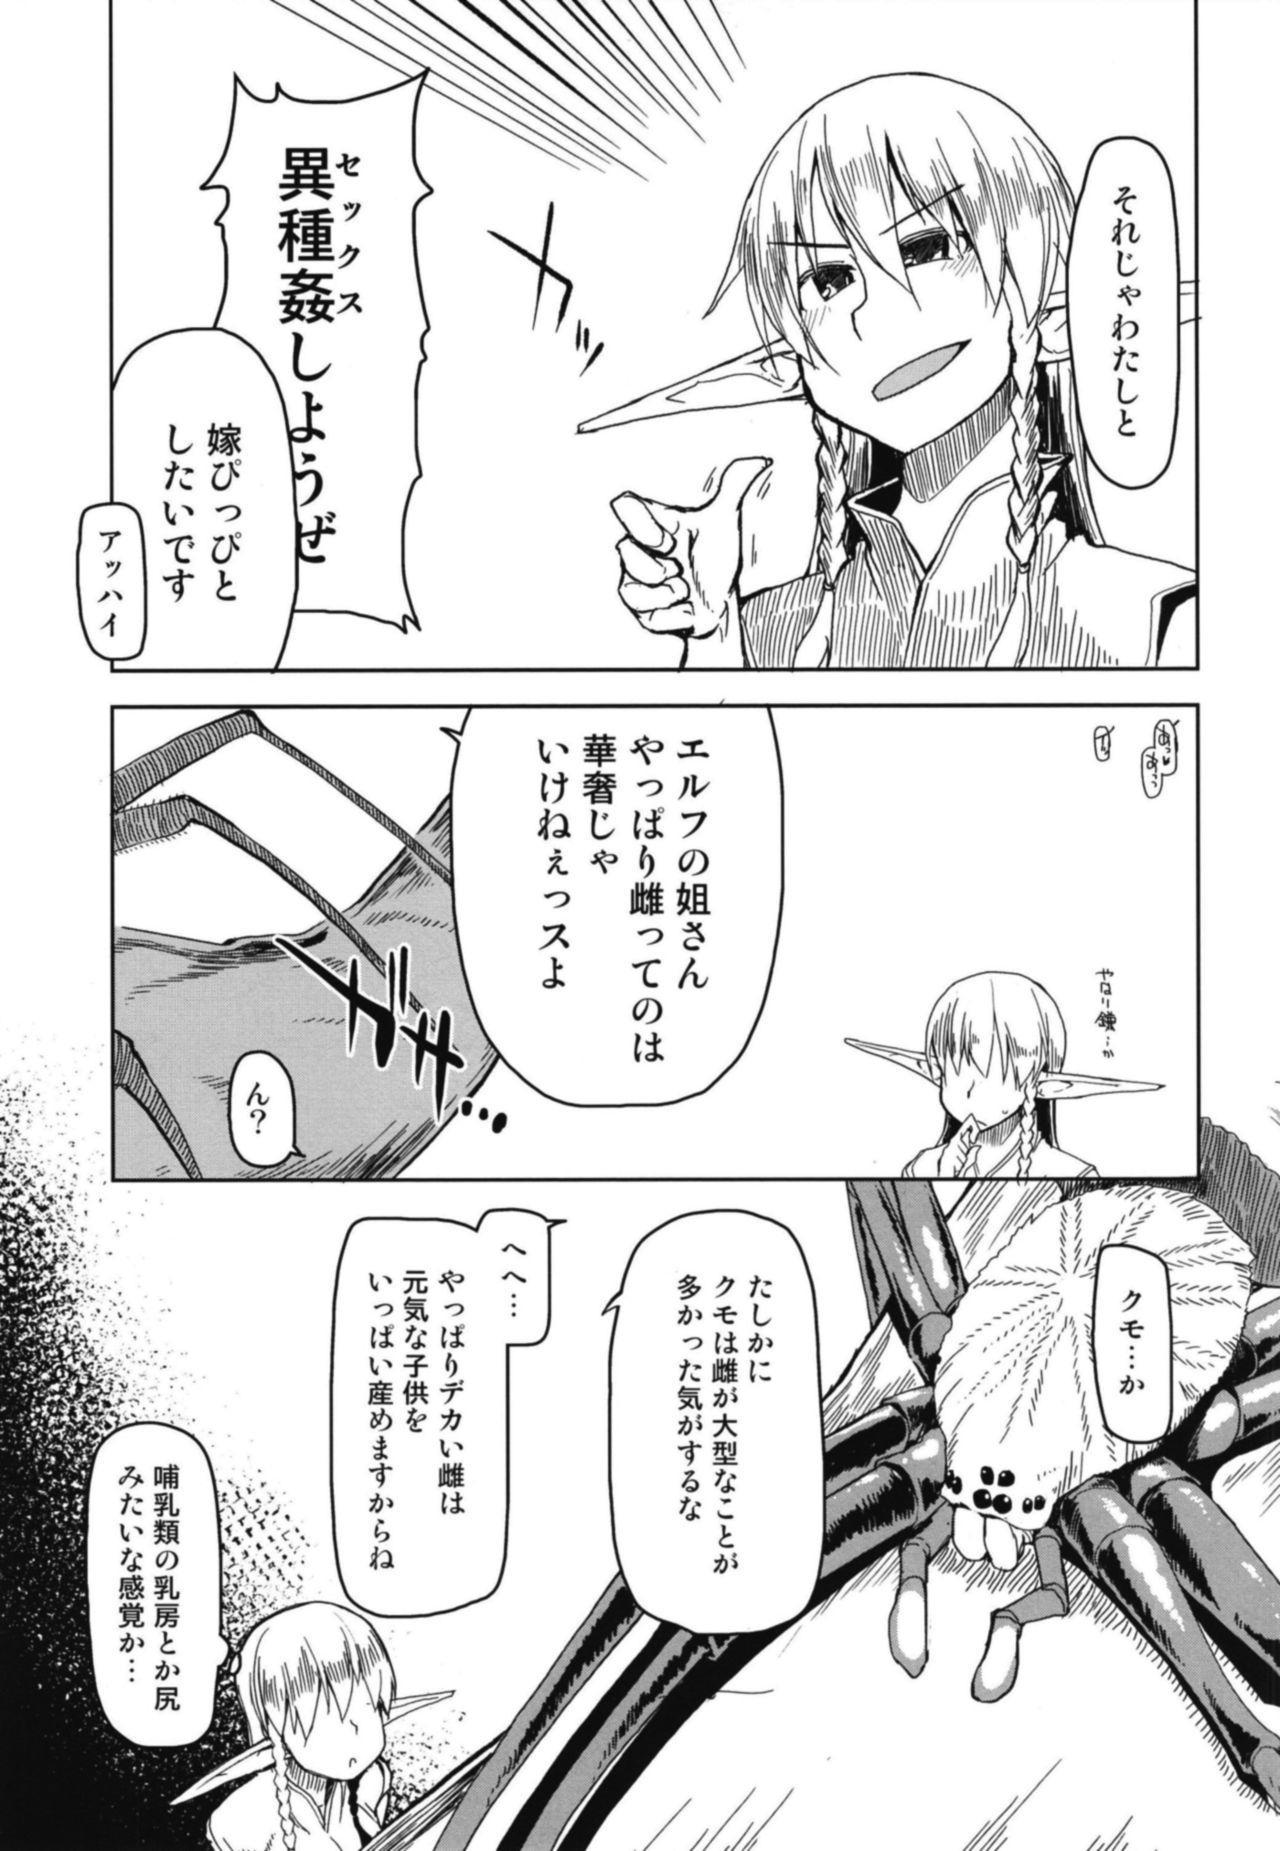 Dosukebe Elf no Ishukan Nikki 5 8